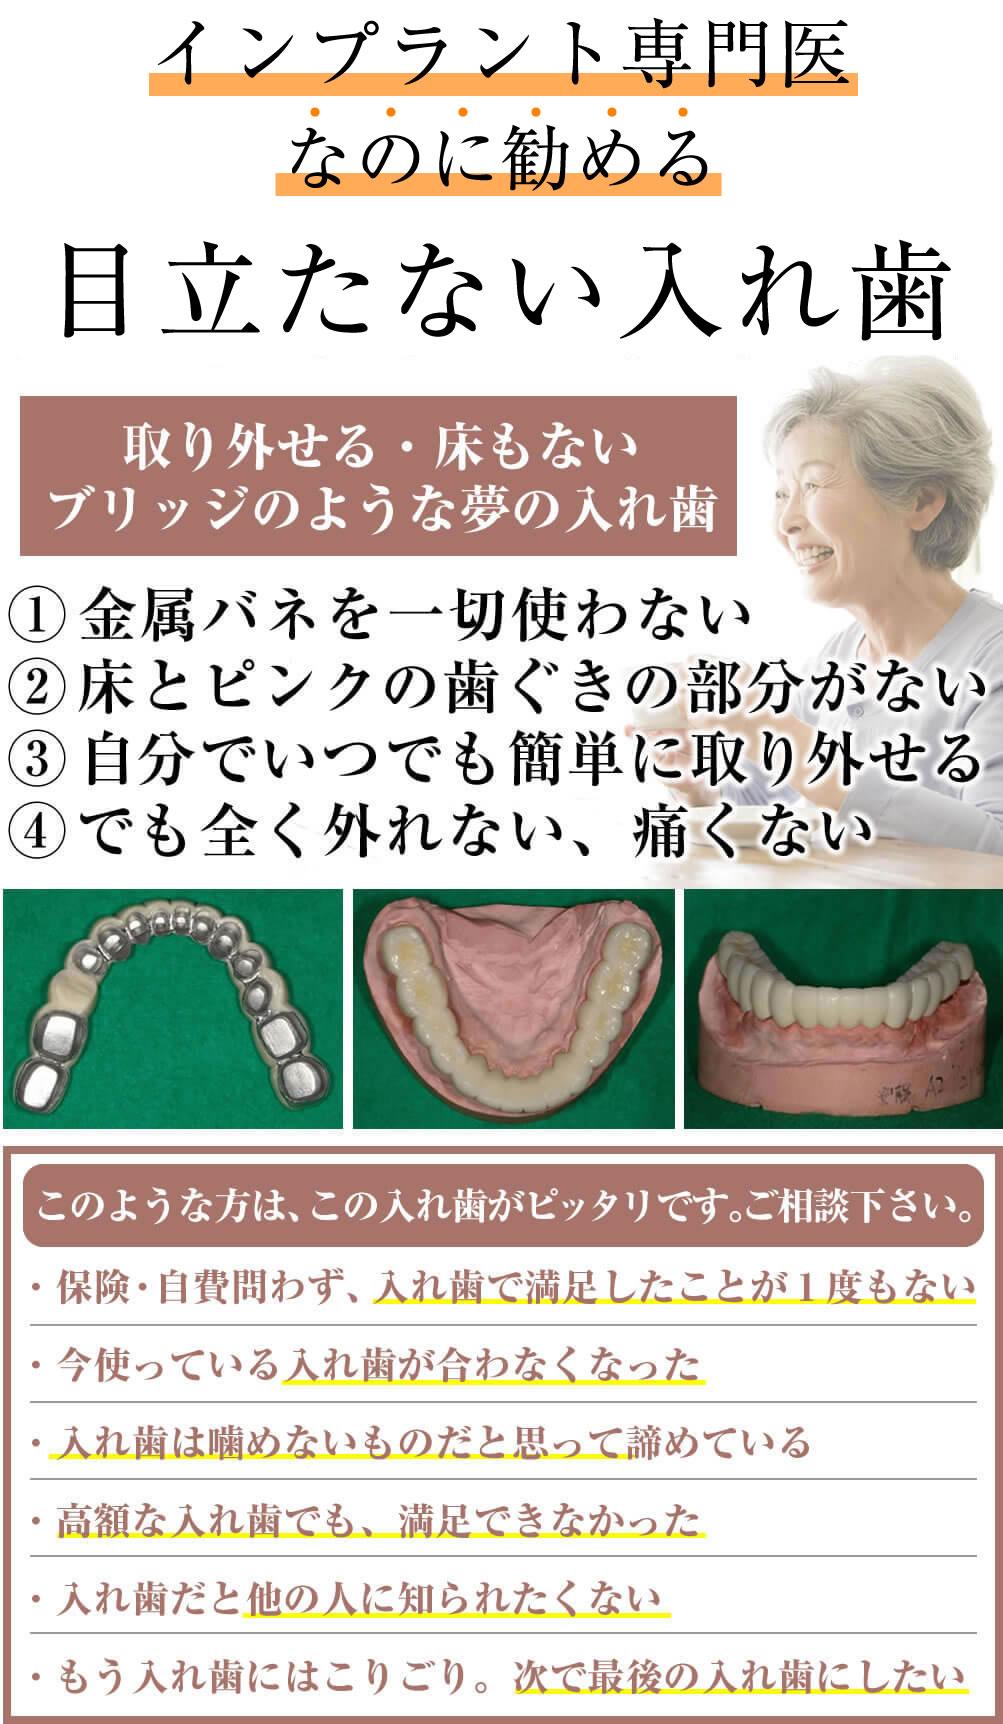 コバルトコーヌスクローネ入れ歯